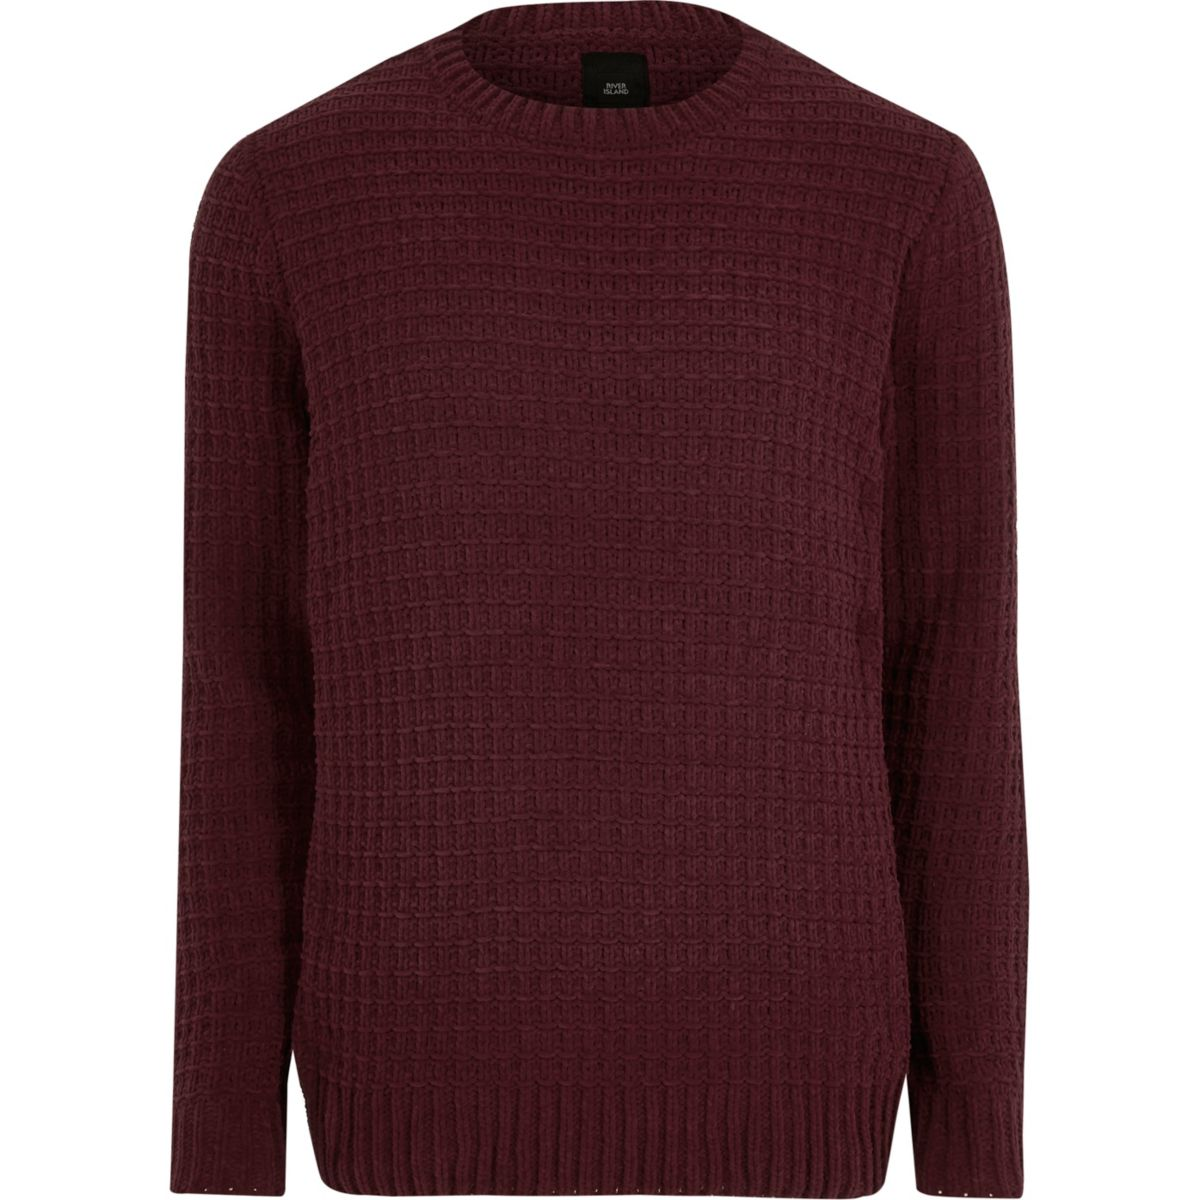 Burgundy textured chenille knit jumper